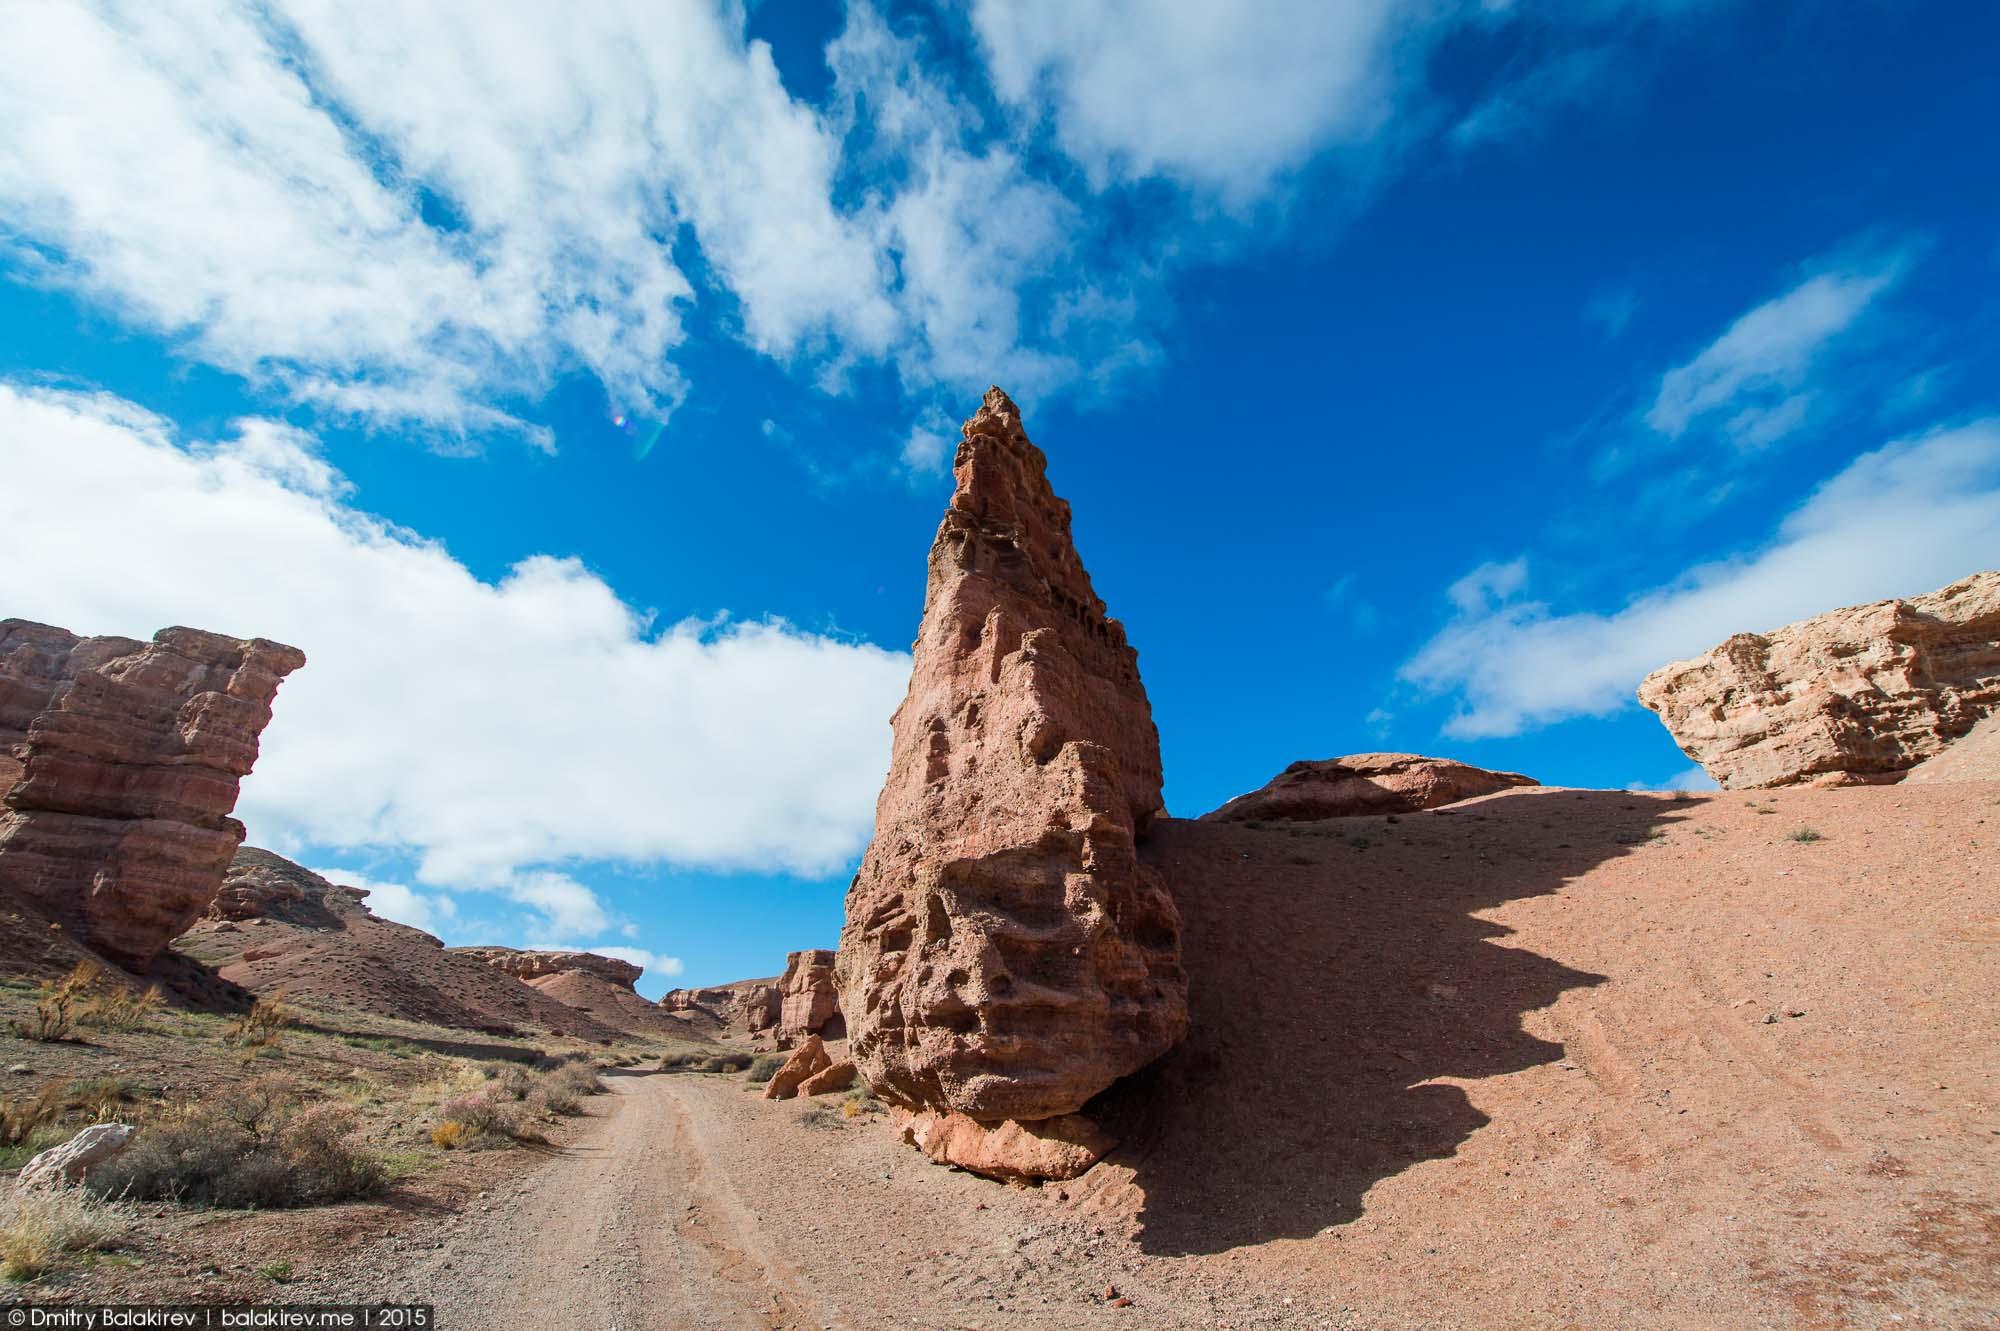 Чарынский каньон | Sharyn Canyon